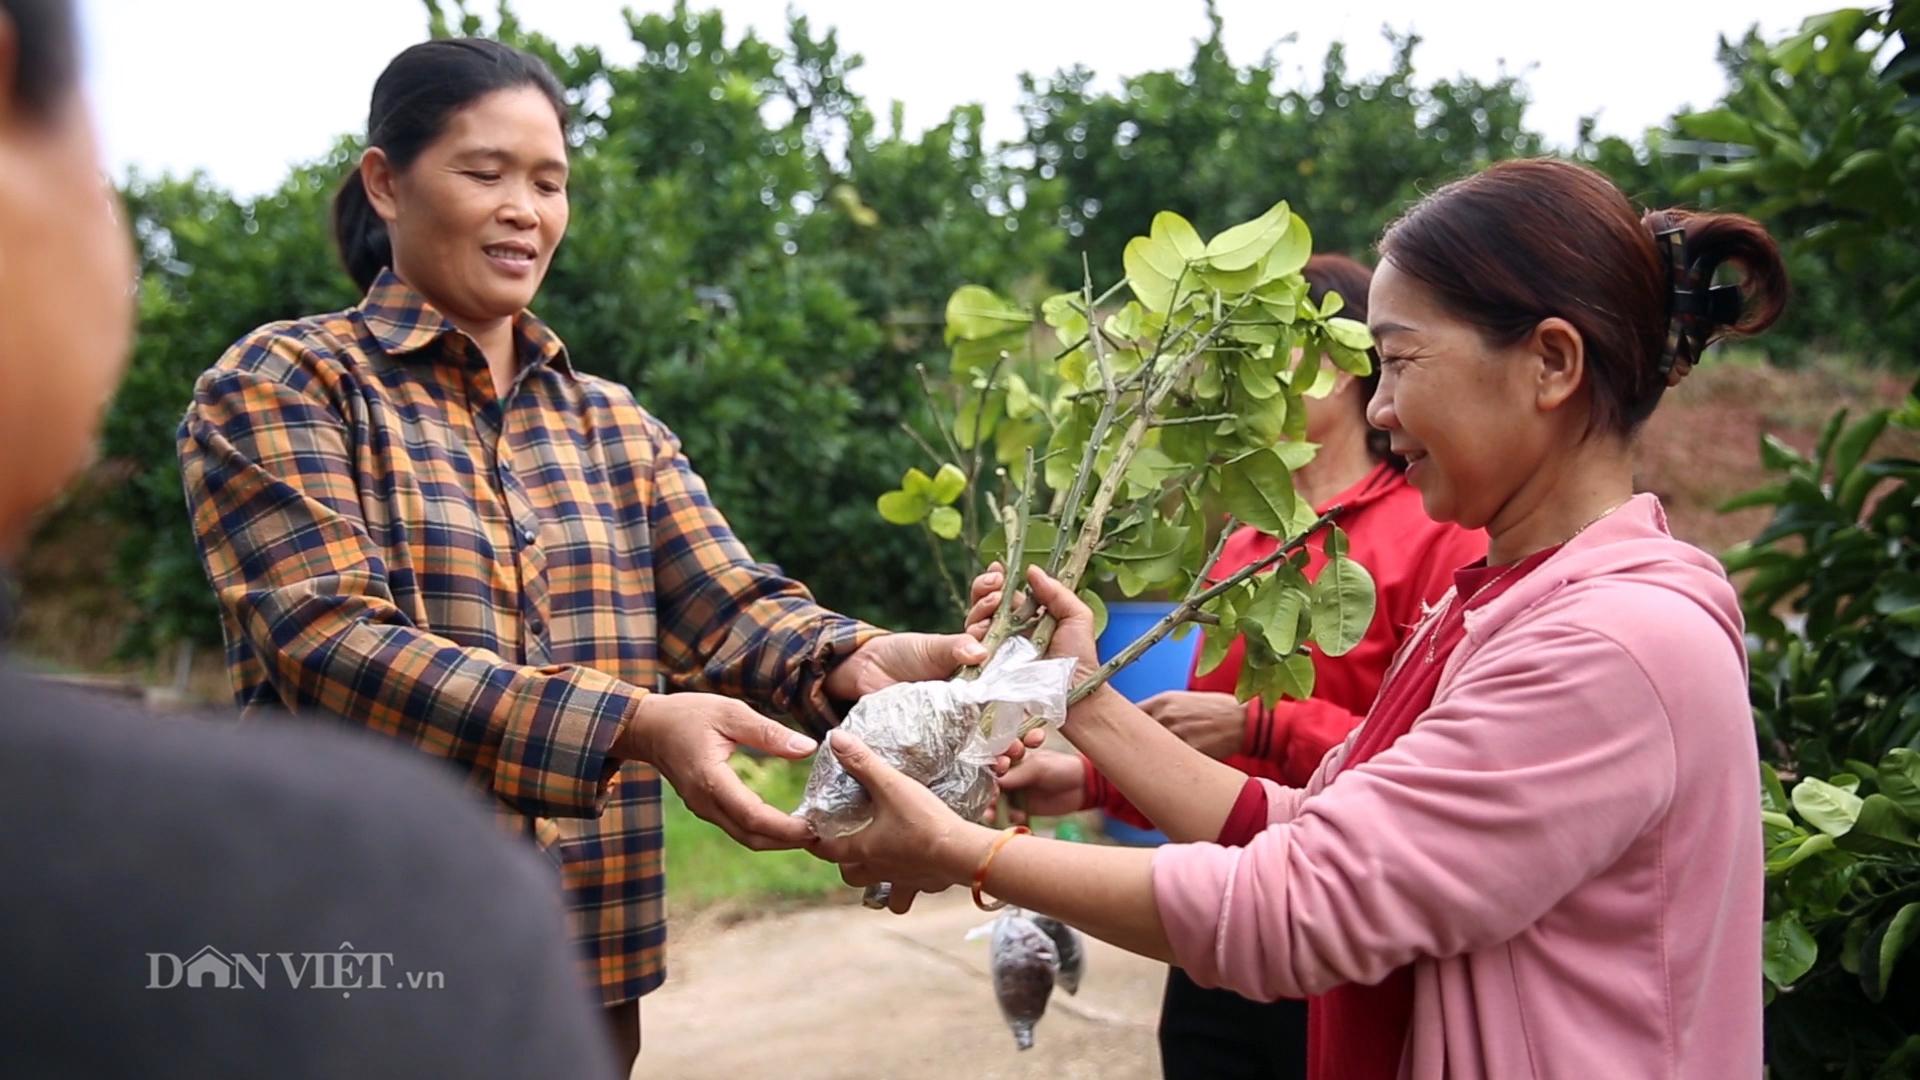 Bỏ việc, bán nhà Hà Nội về quê trồng cả đồi bưởi thu tiền tỷ